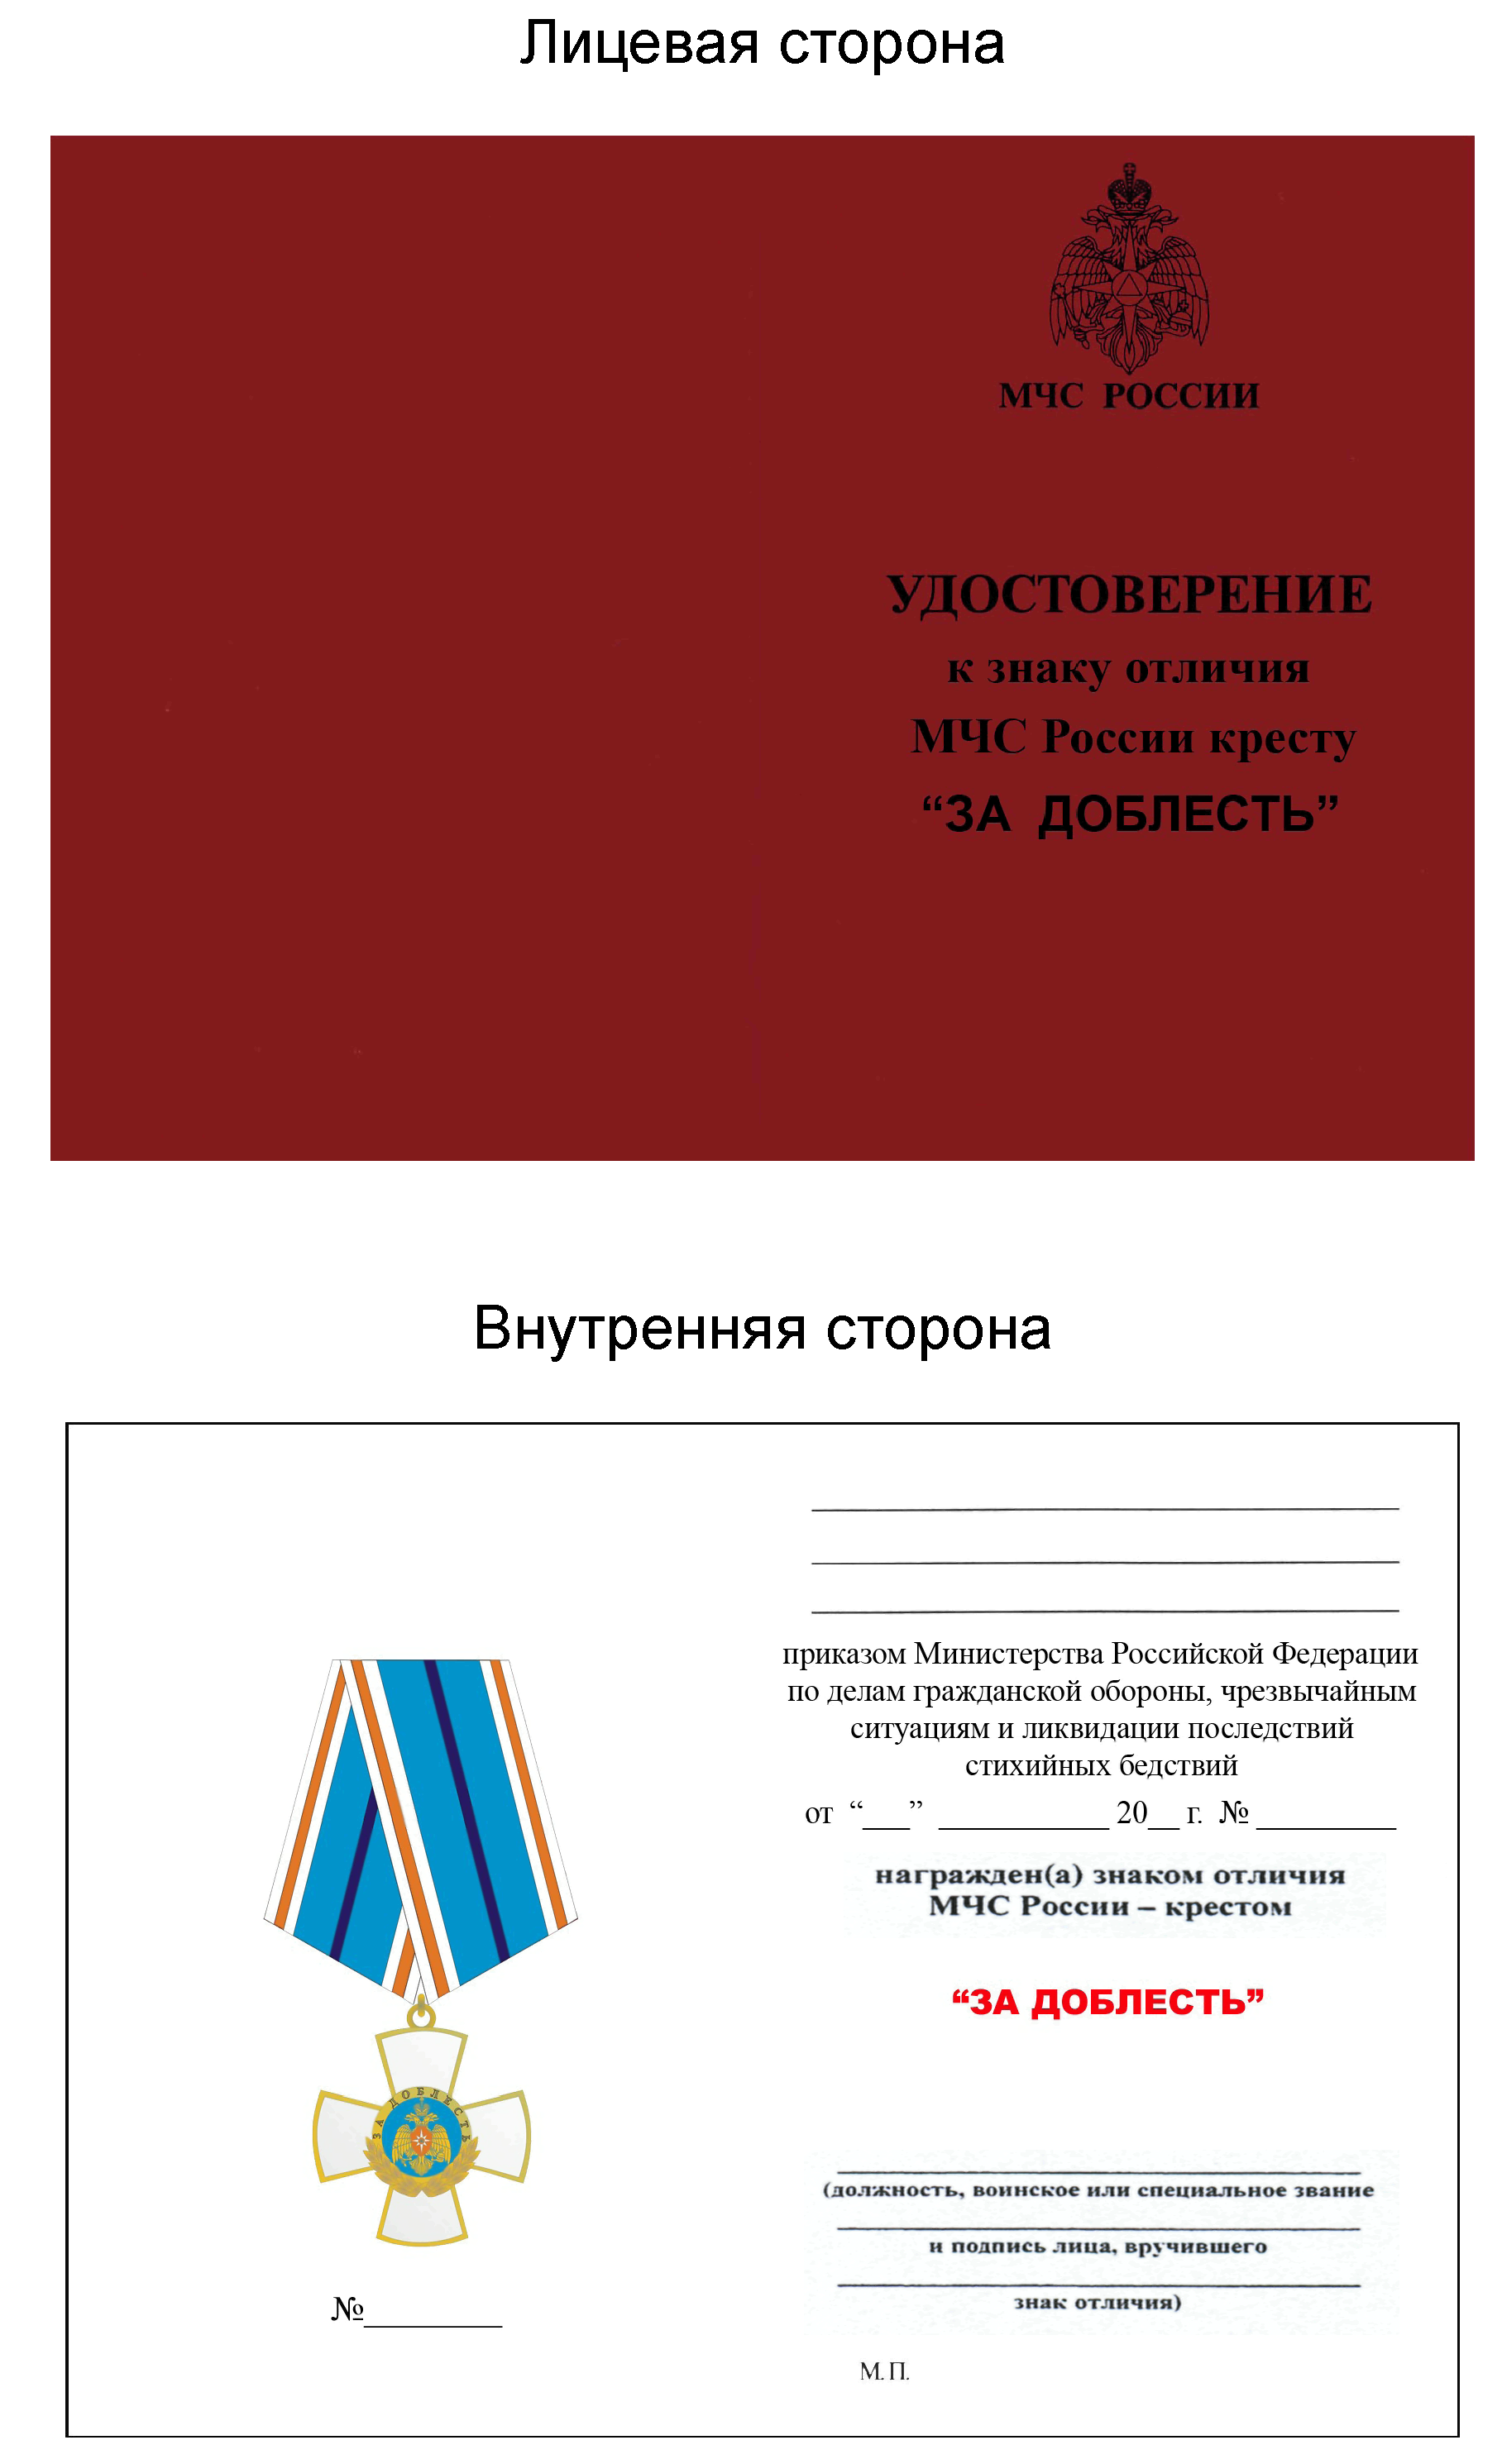 ПРИЛОЖЕНИЕ 3 К ПОЛОЖЕНИЮ 3, УТВ. ПРИКАЗОМ МЧС РФ ОТ 06.12.2010 N 620